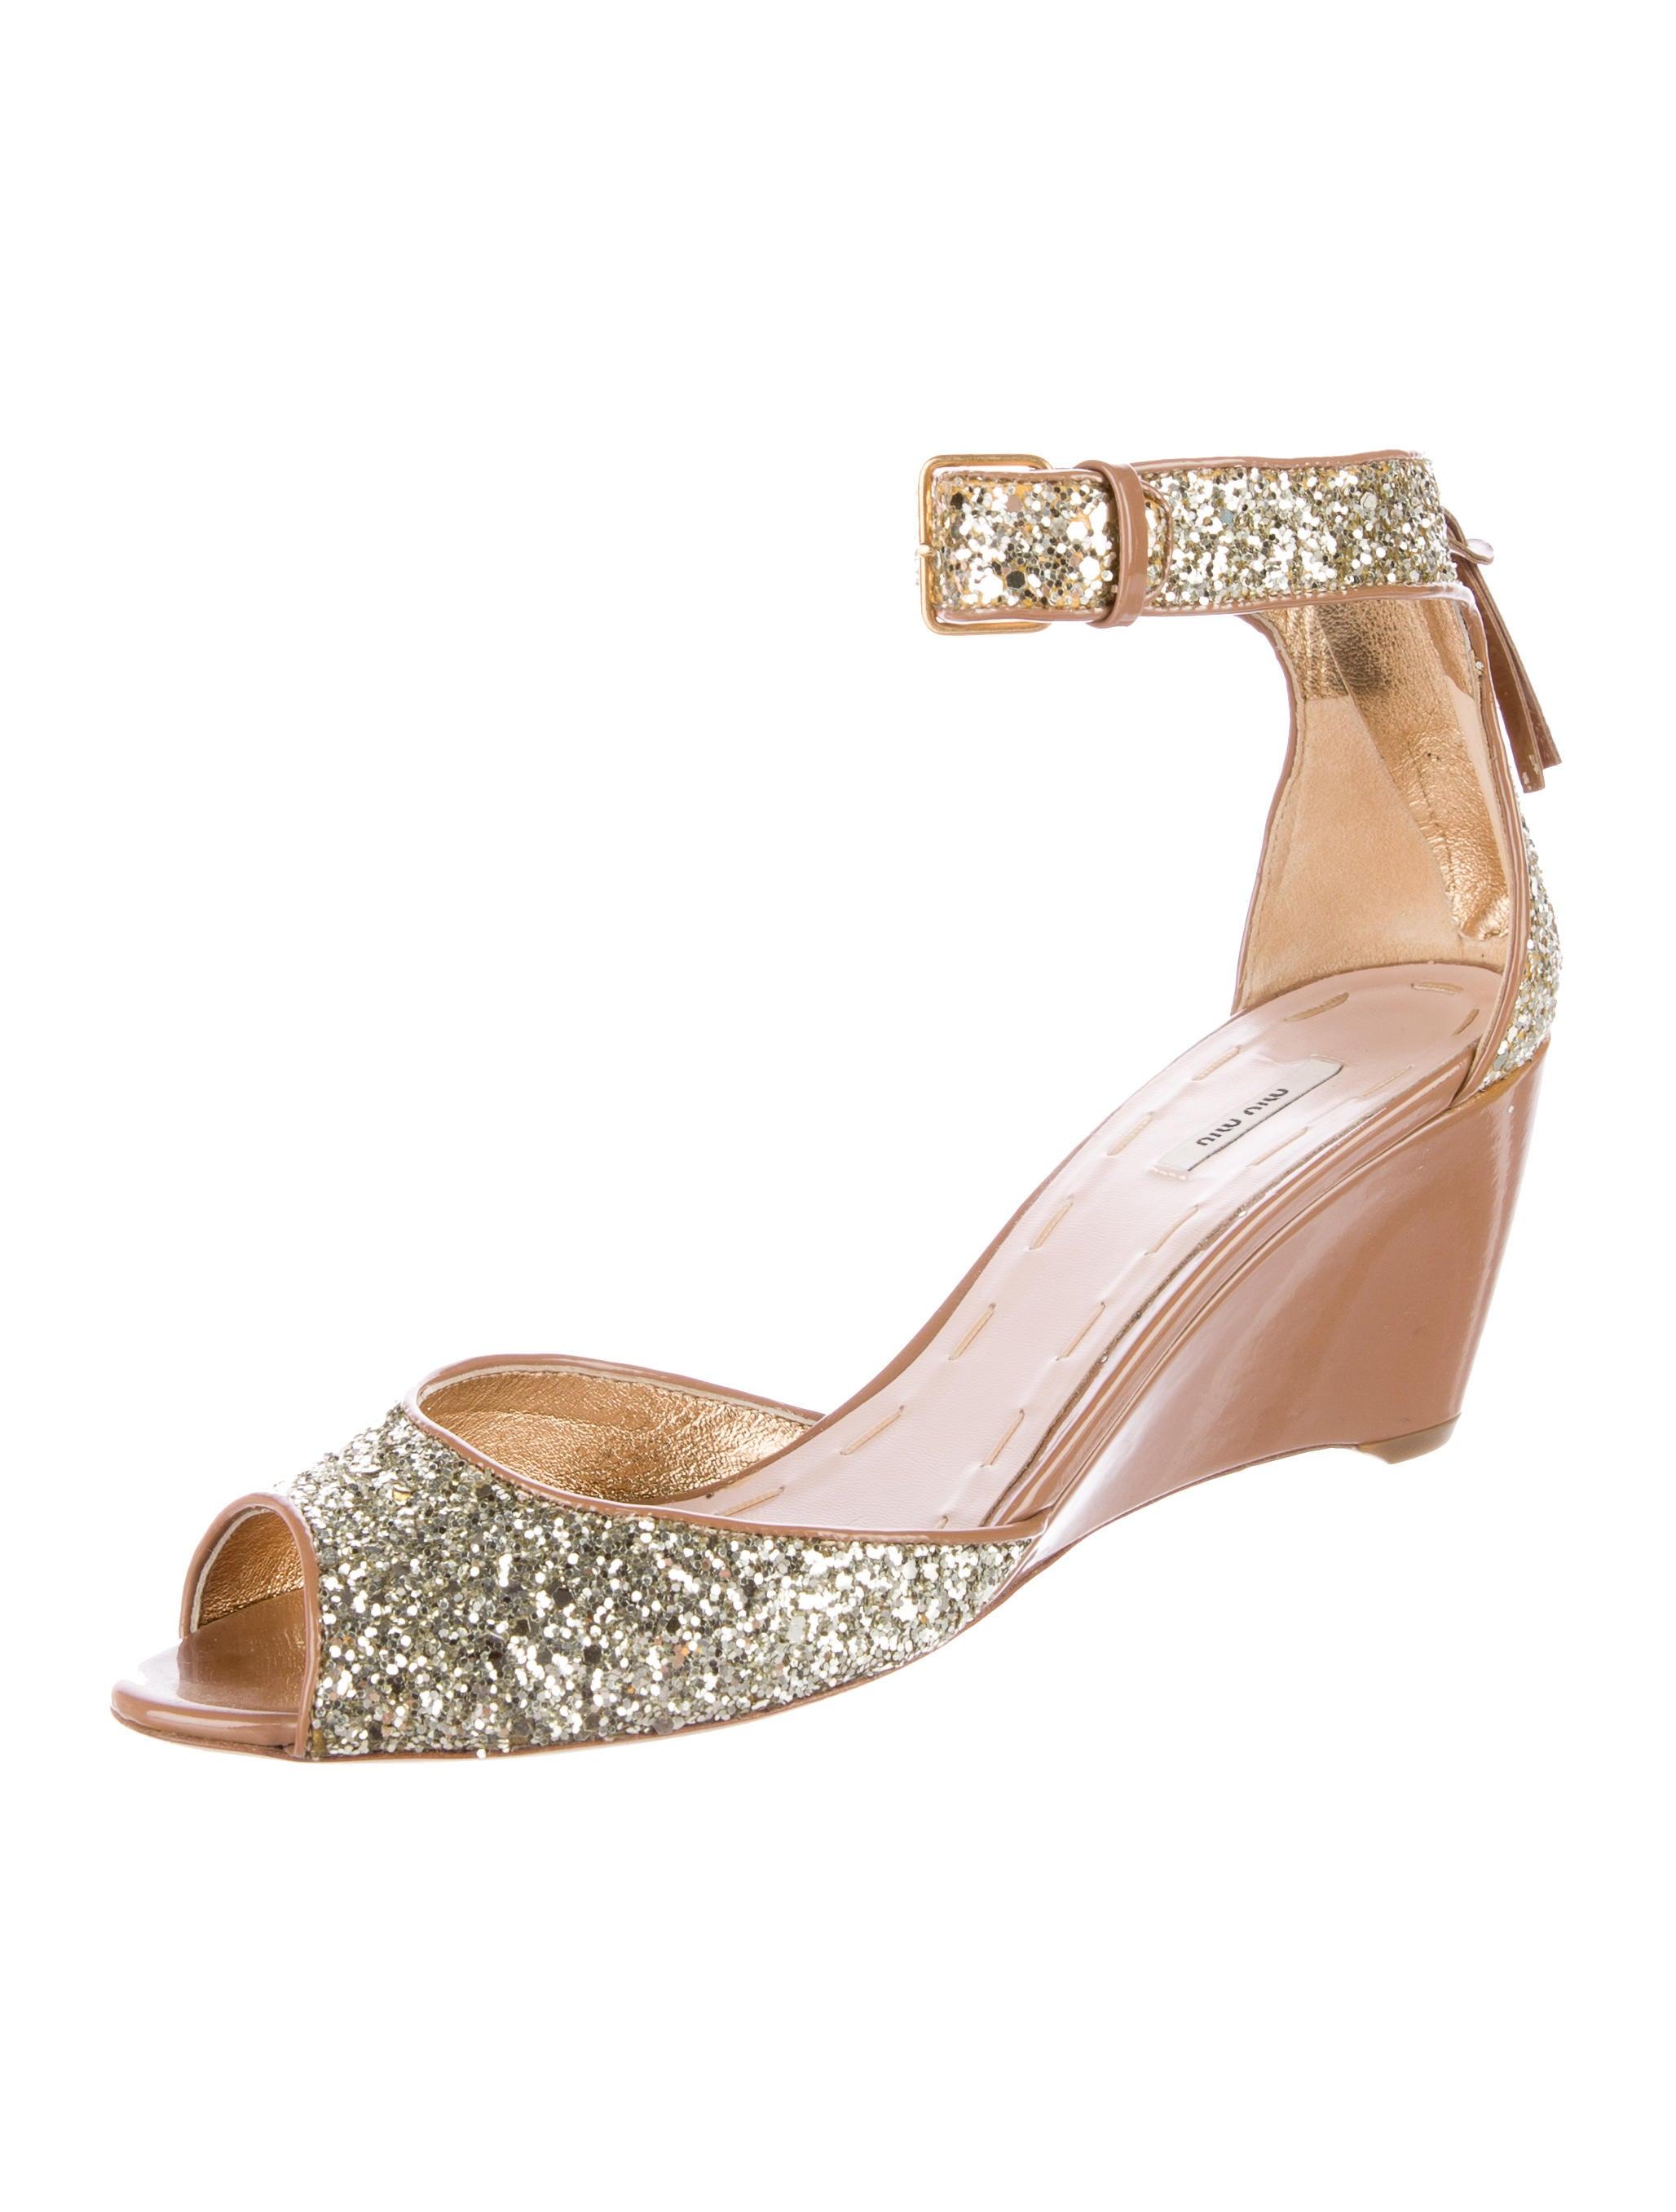 miu miu glitter wedge sandals shoes miu46348 the